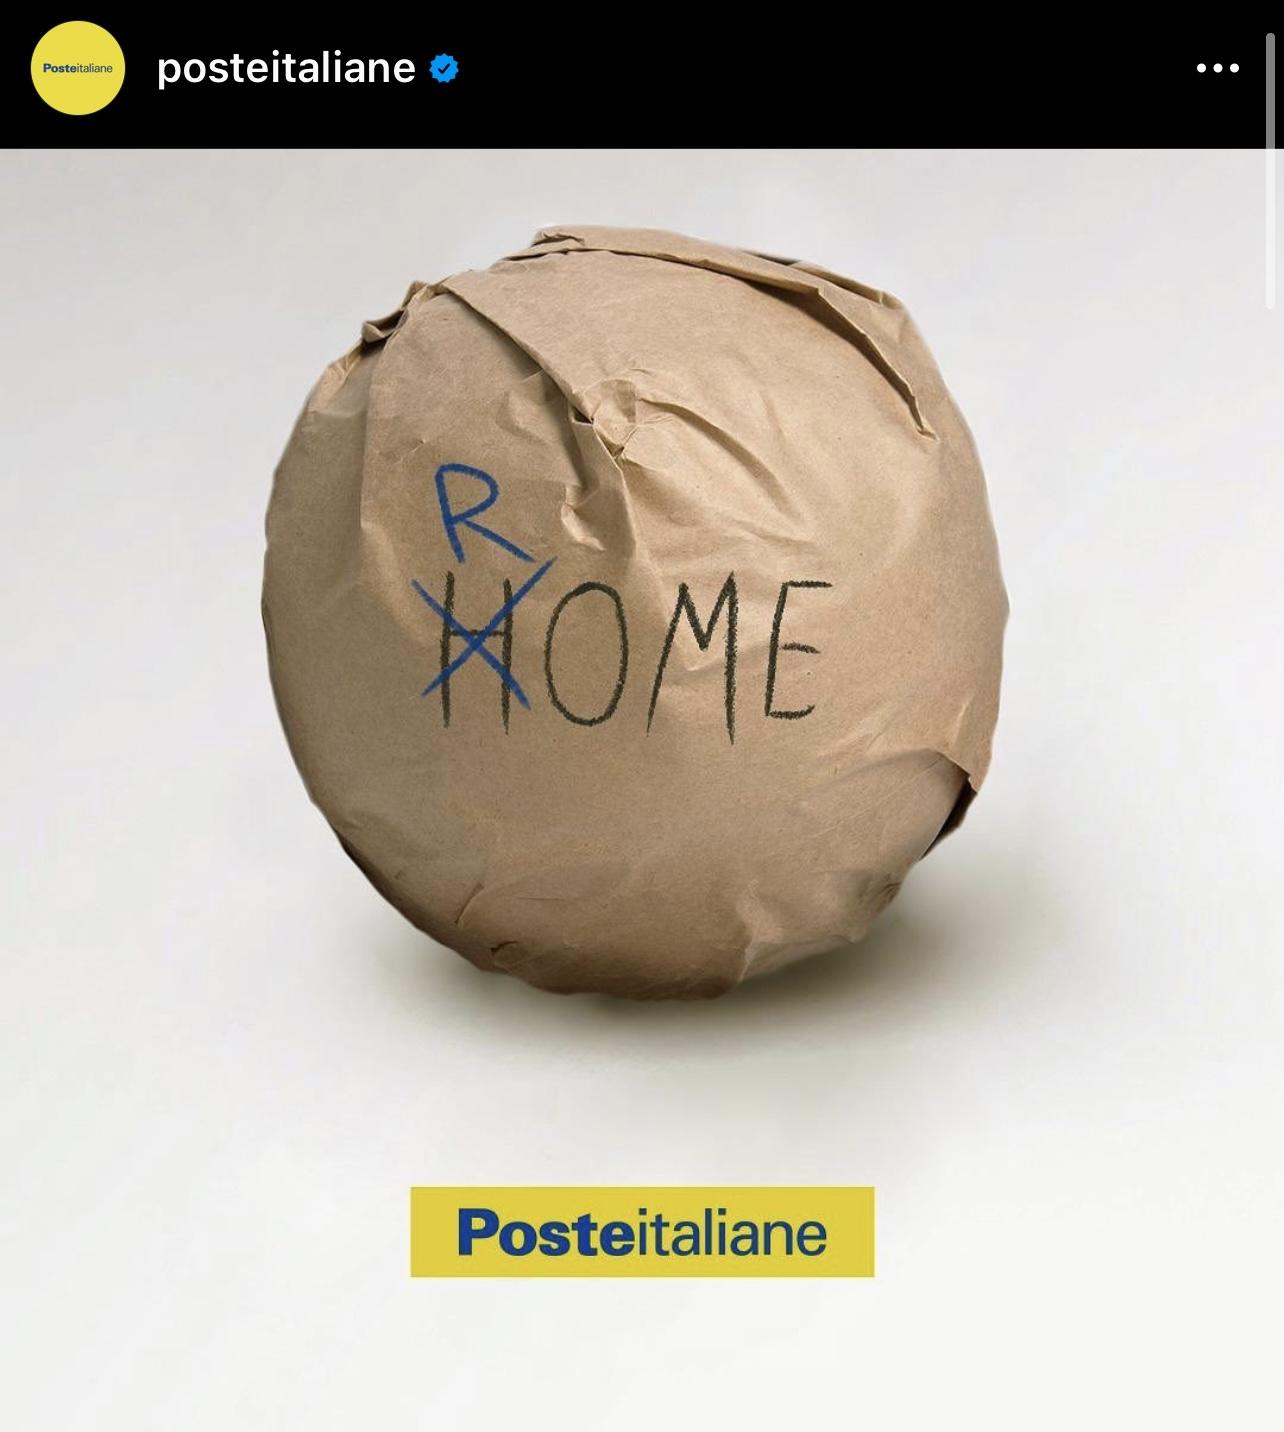 Italia Poste Italiane